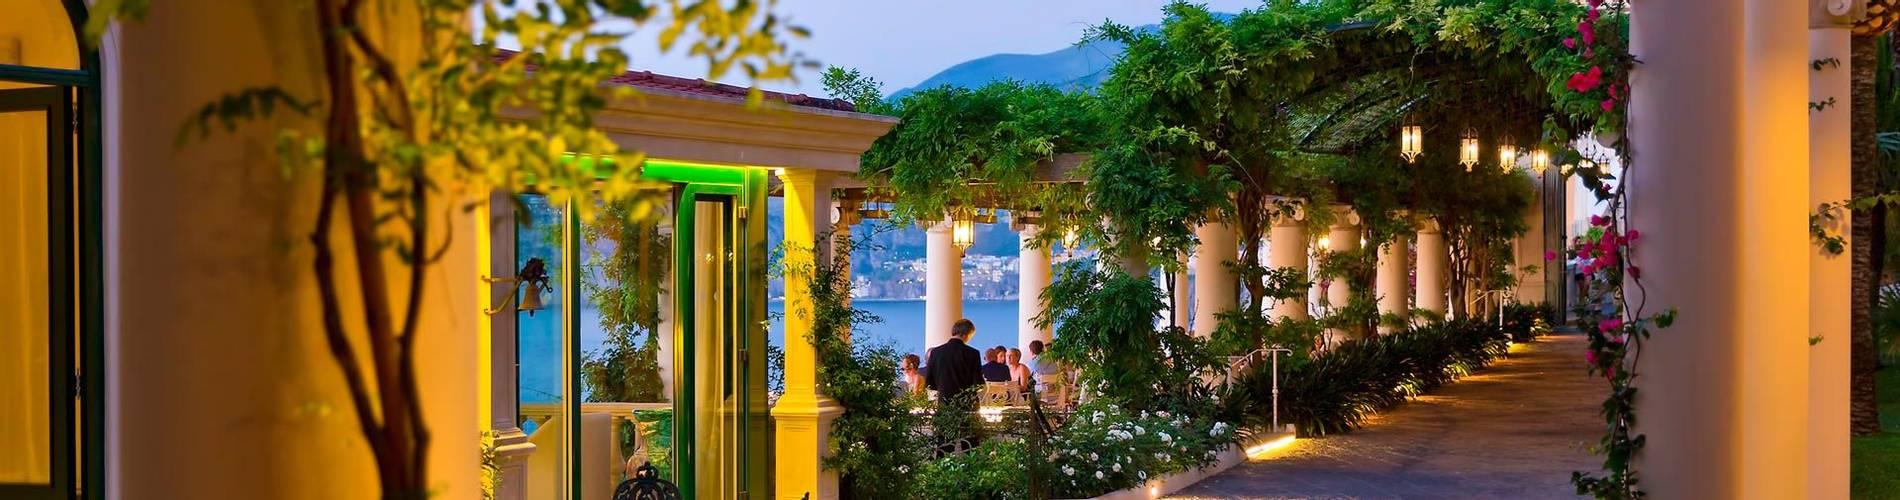 Bellevue Syrene, Sorrento, Italy (3).jpg